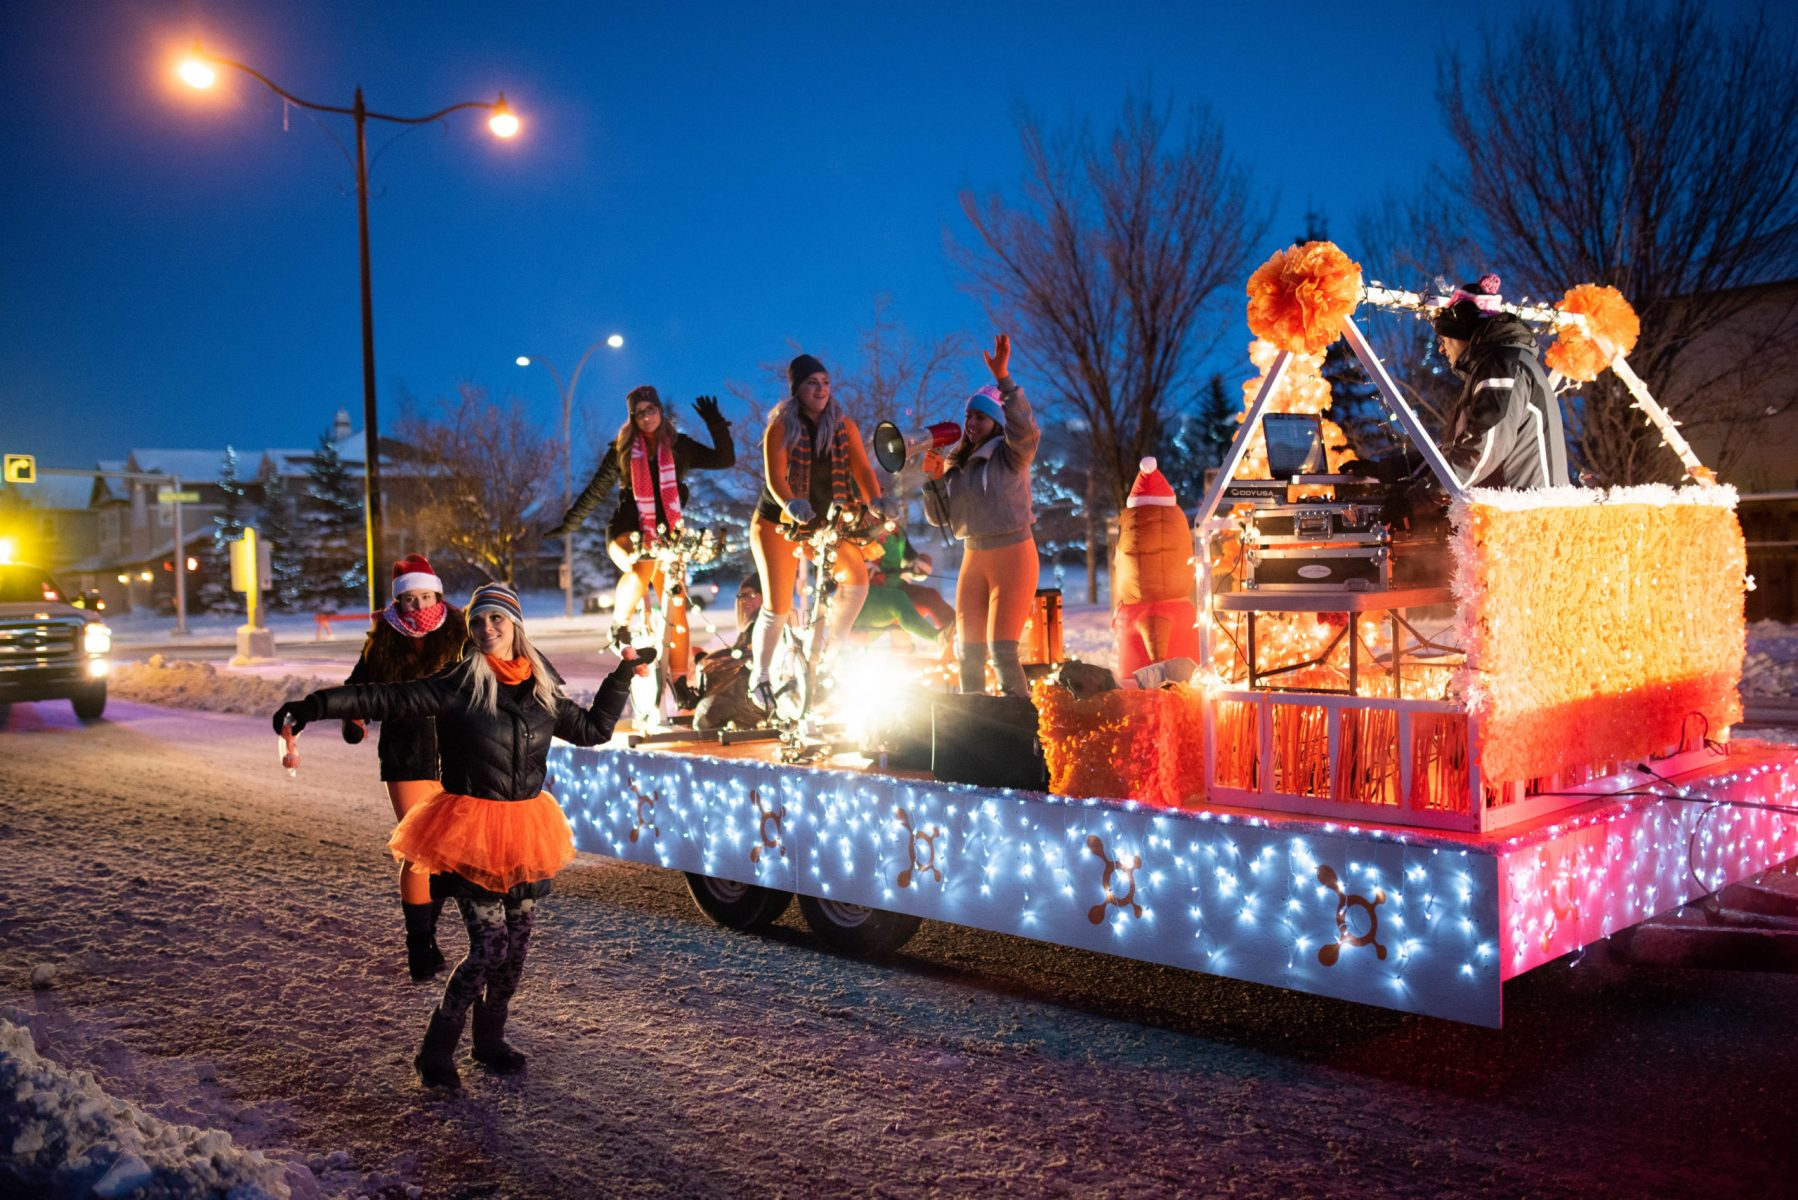 Auburn-Bay-Christmas-Parade-2019-68-scaled